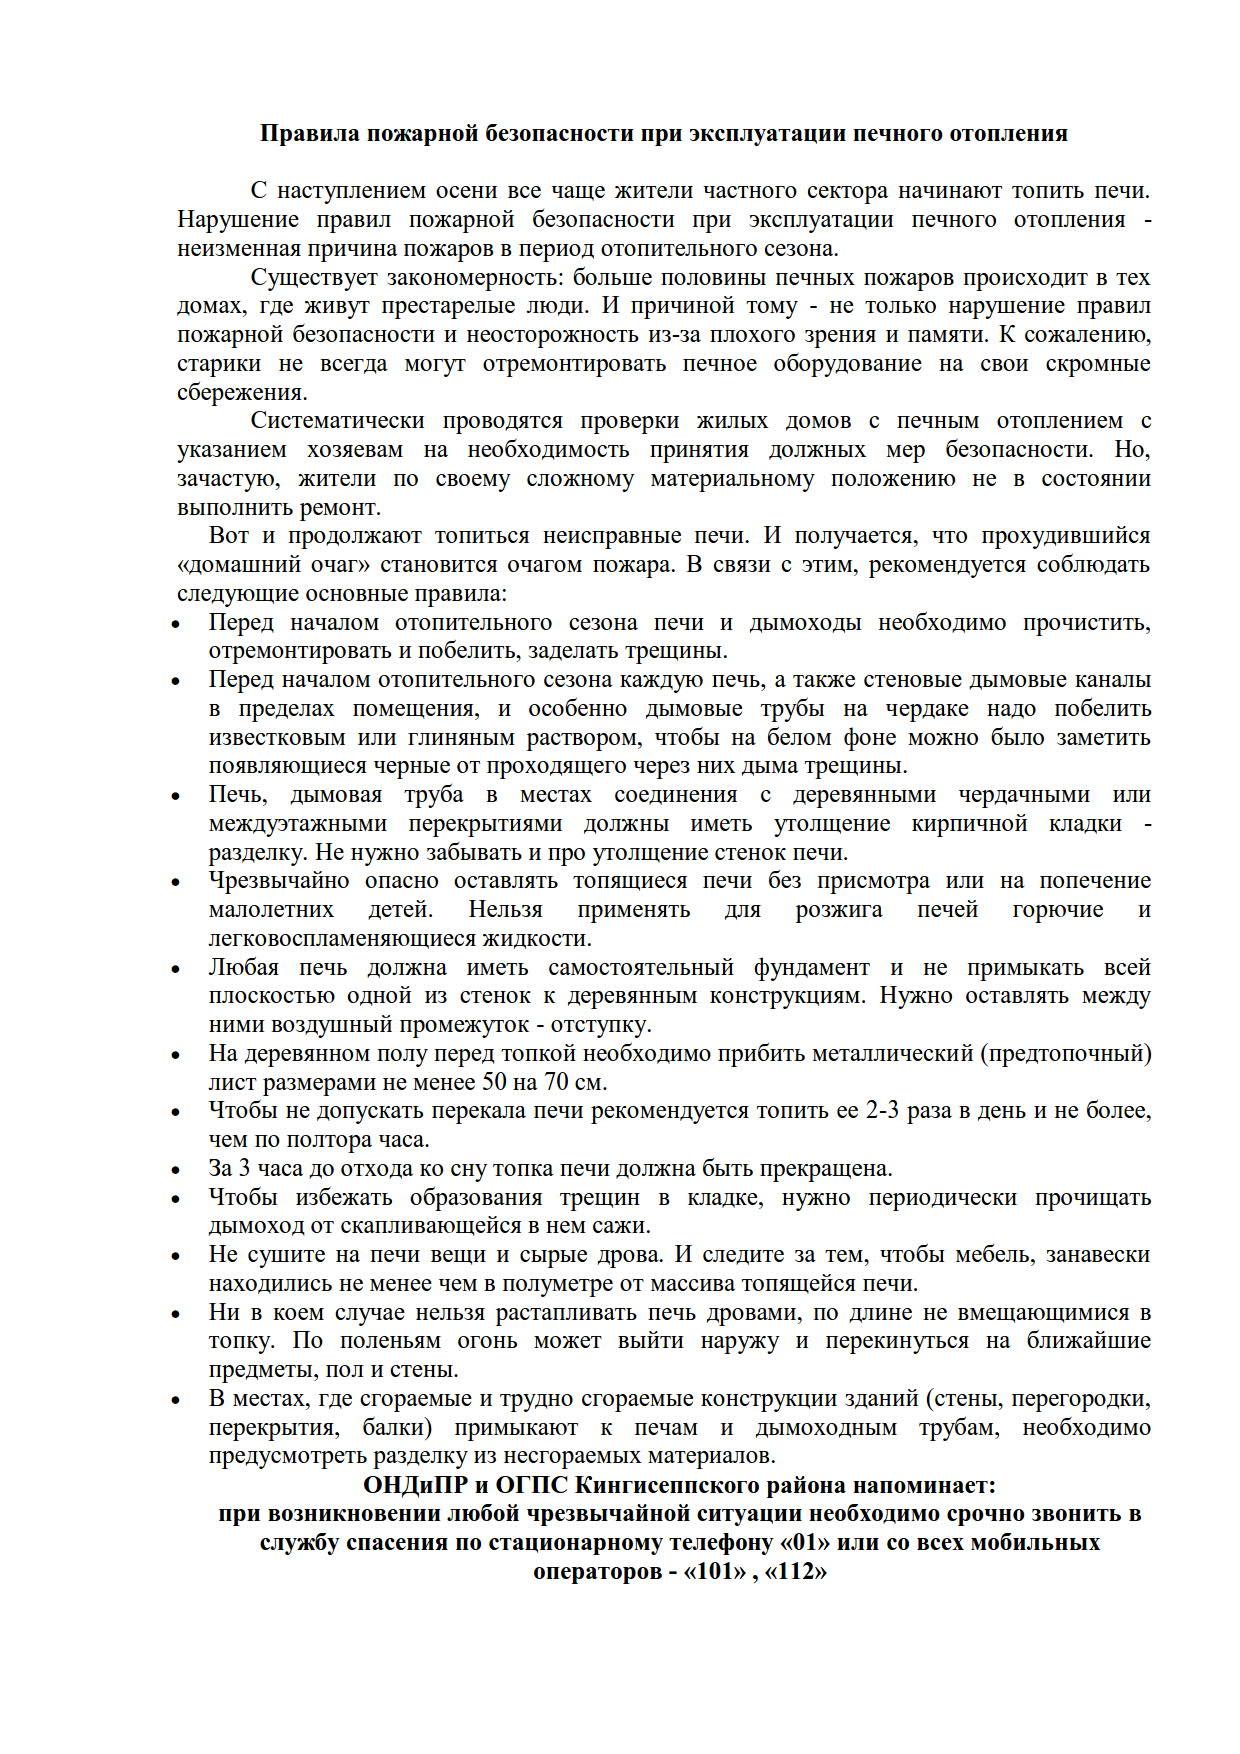 ППБ печи_1